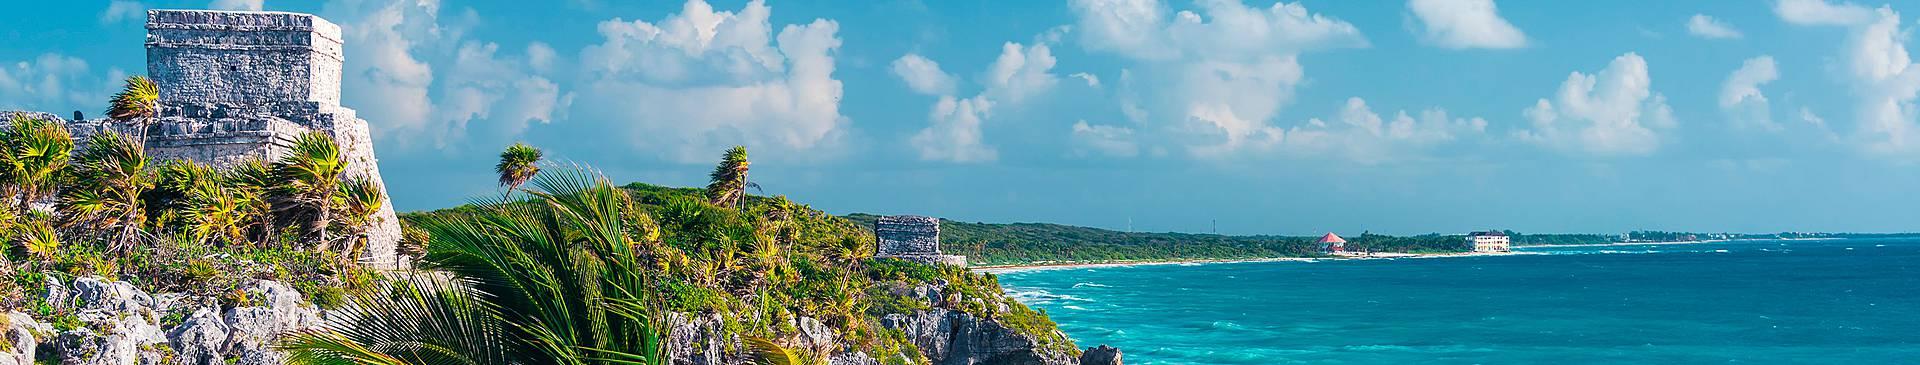 Voyage plage au Mexique